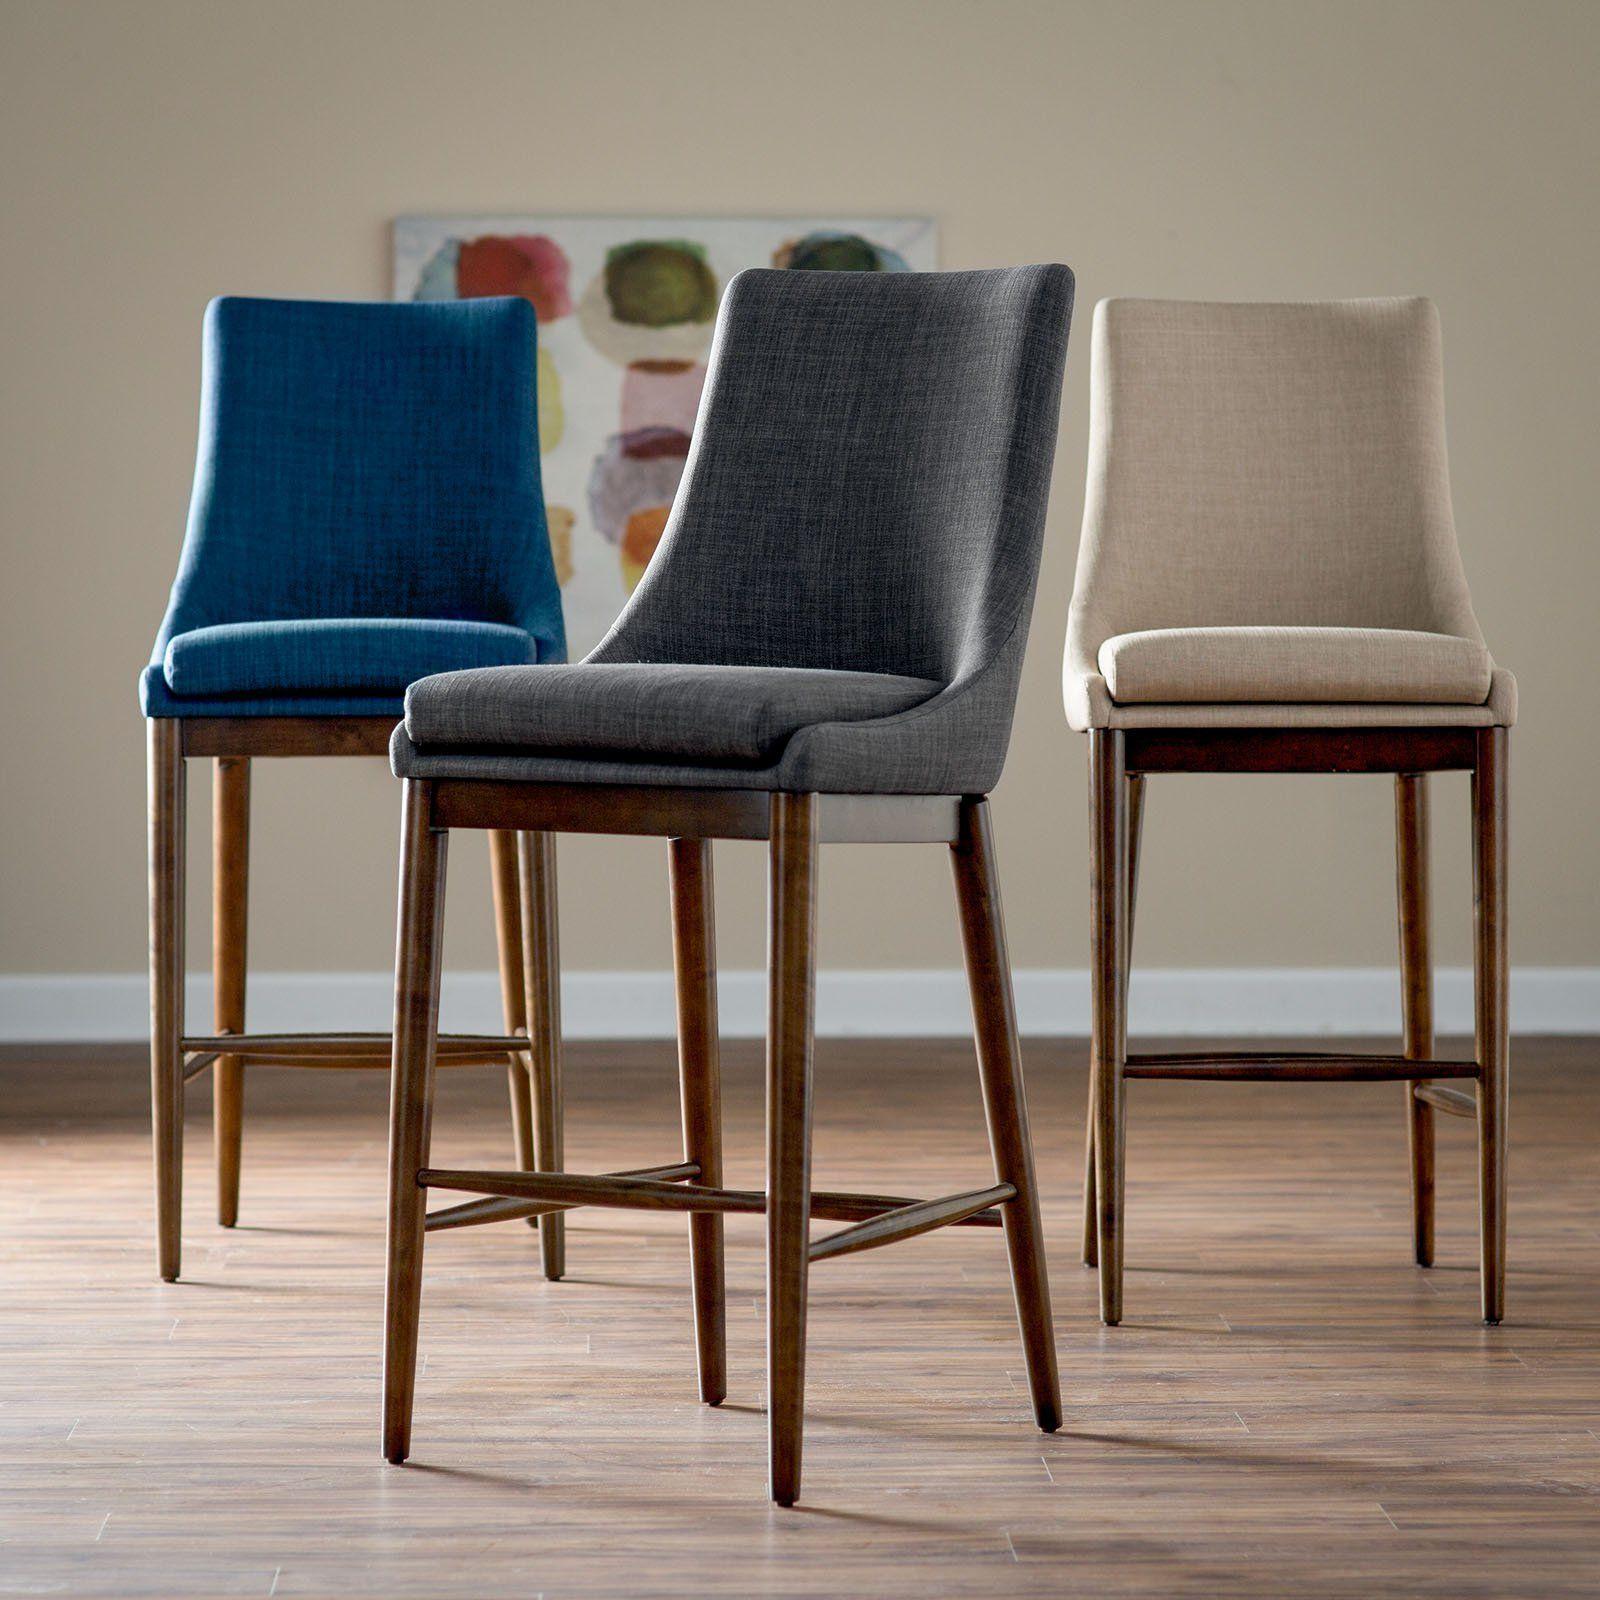 Belham Living Carter Mid Century Modern Upholstered Bar